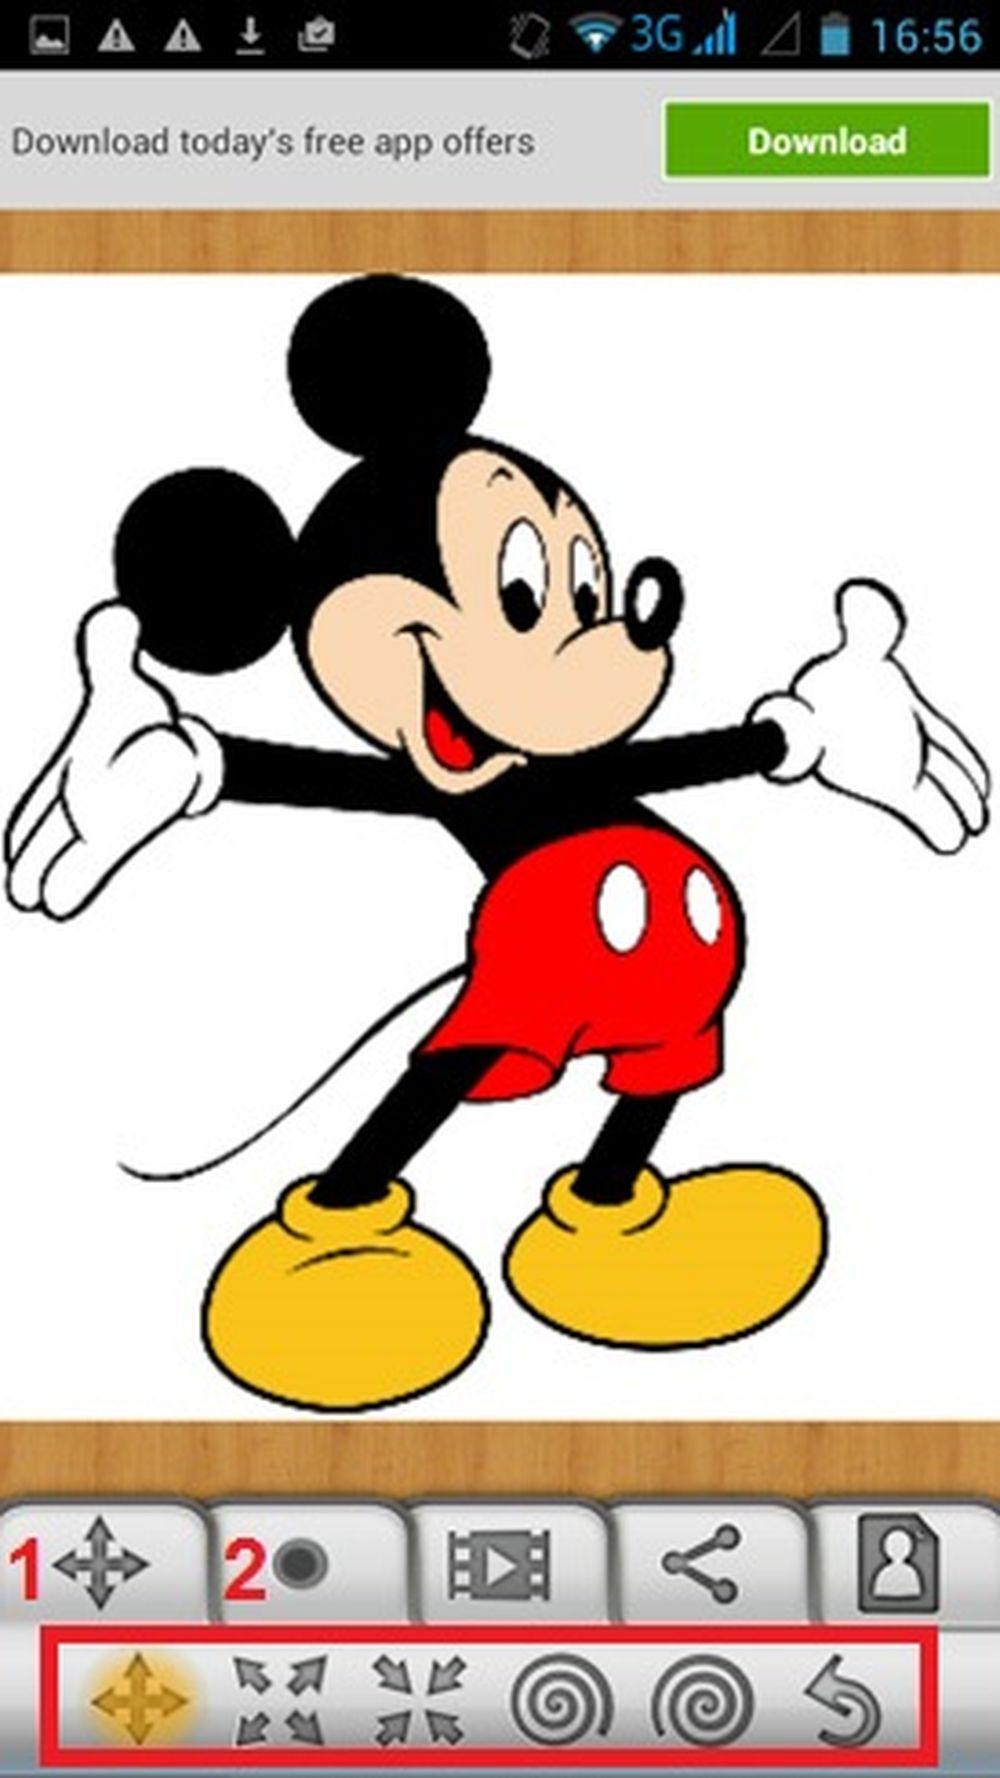 Vẽ tranh biếm họa vui nhộn trên Android: Sau khi đã tải ảnh lên (trong hình  ta sẽ dùng ảnh Chuột Mickey), hãy dùng các công cụ trong mục 1 và 2 ...